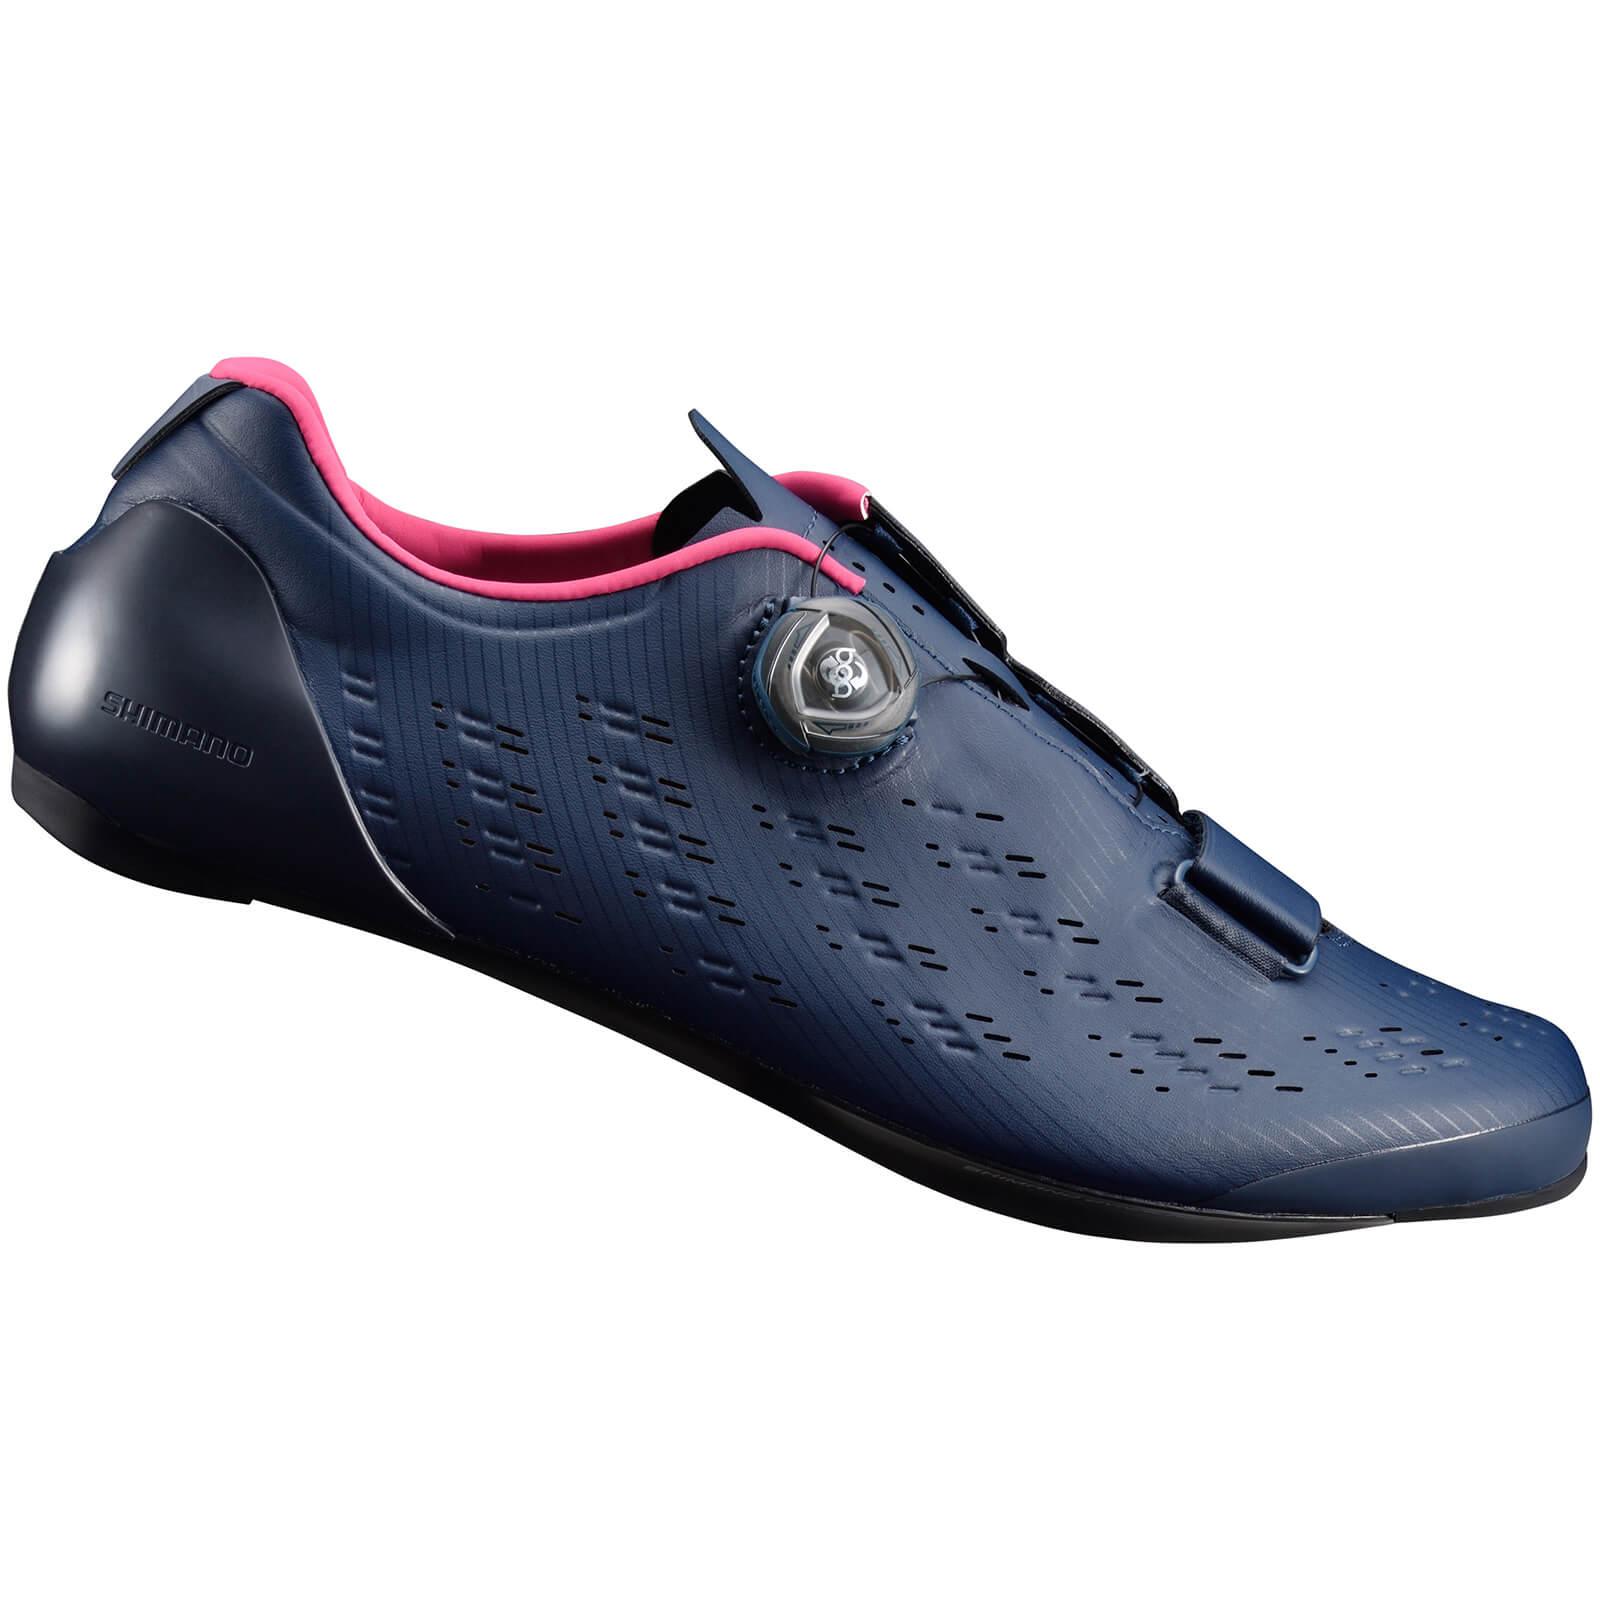 Shimano RP9 Road Shoes Carbon Sole - Black - EU 44 - Blue